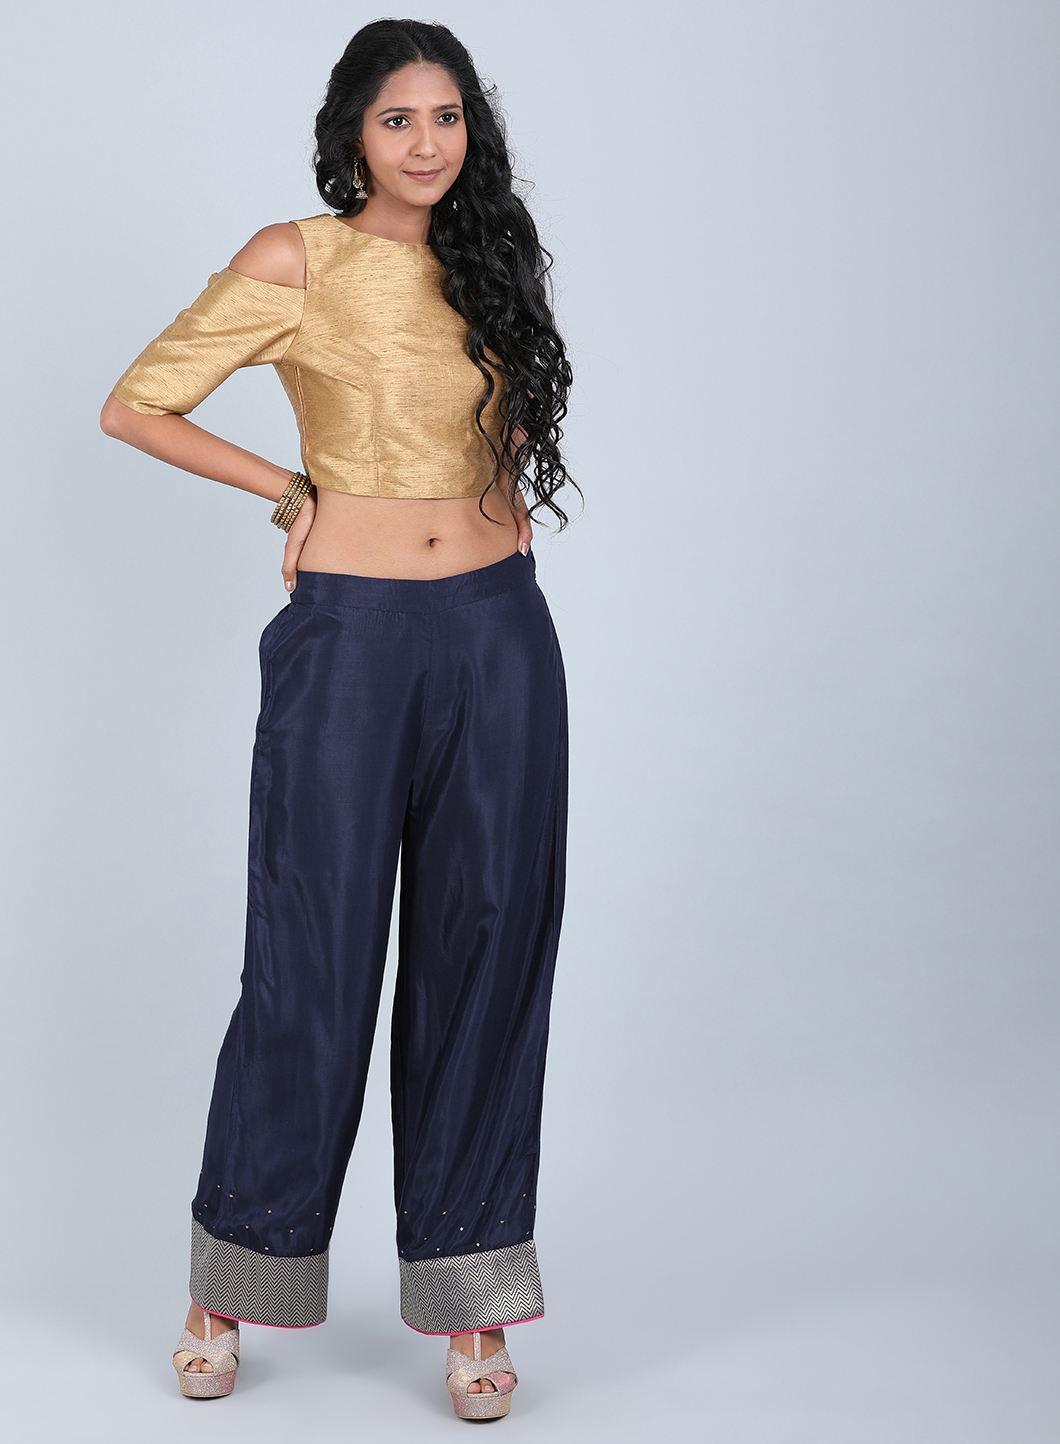 W | Wishful by W-Women Blue Color Pants